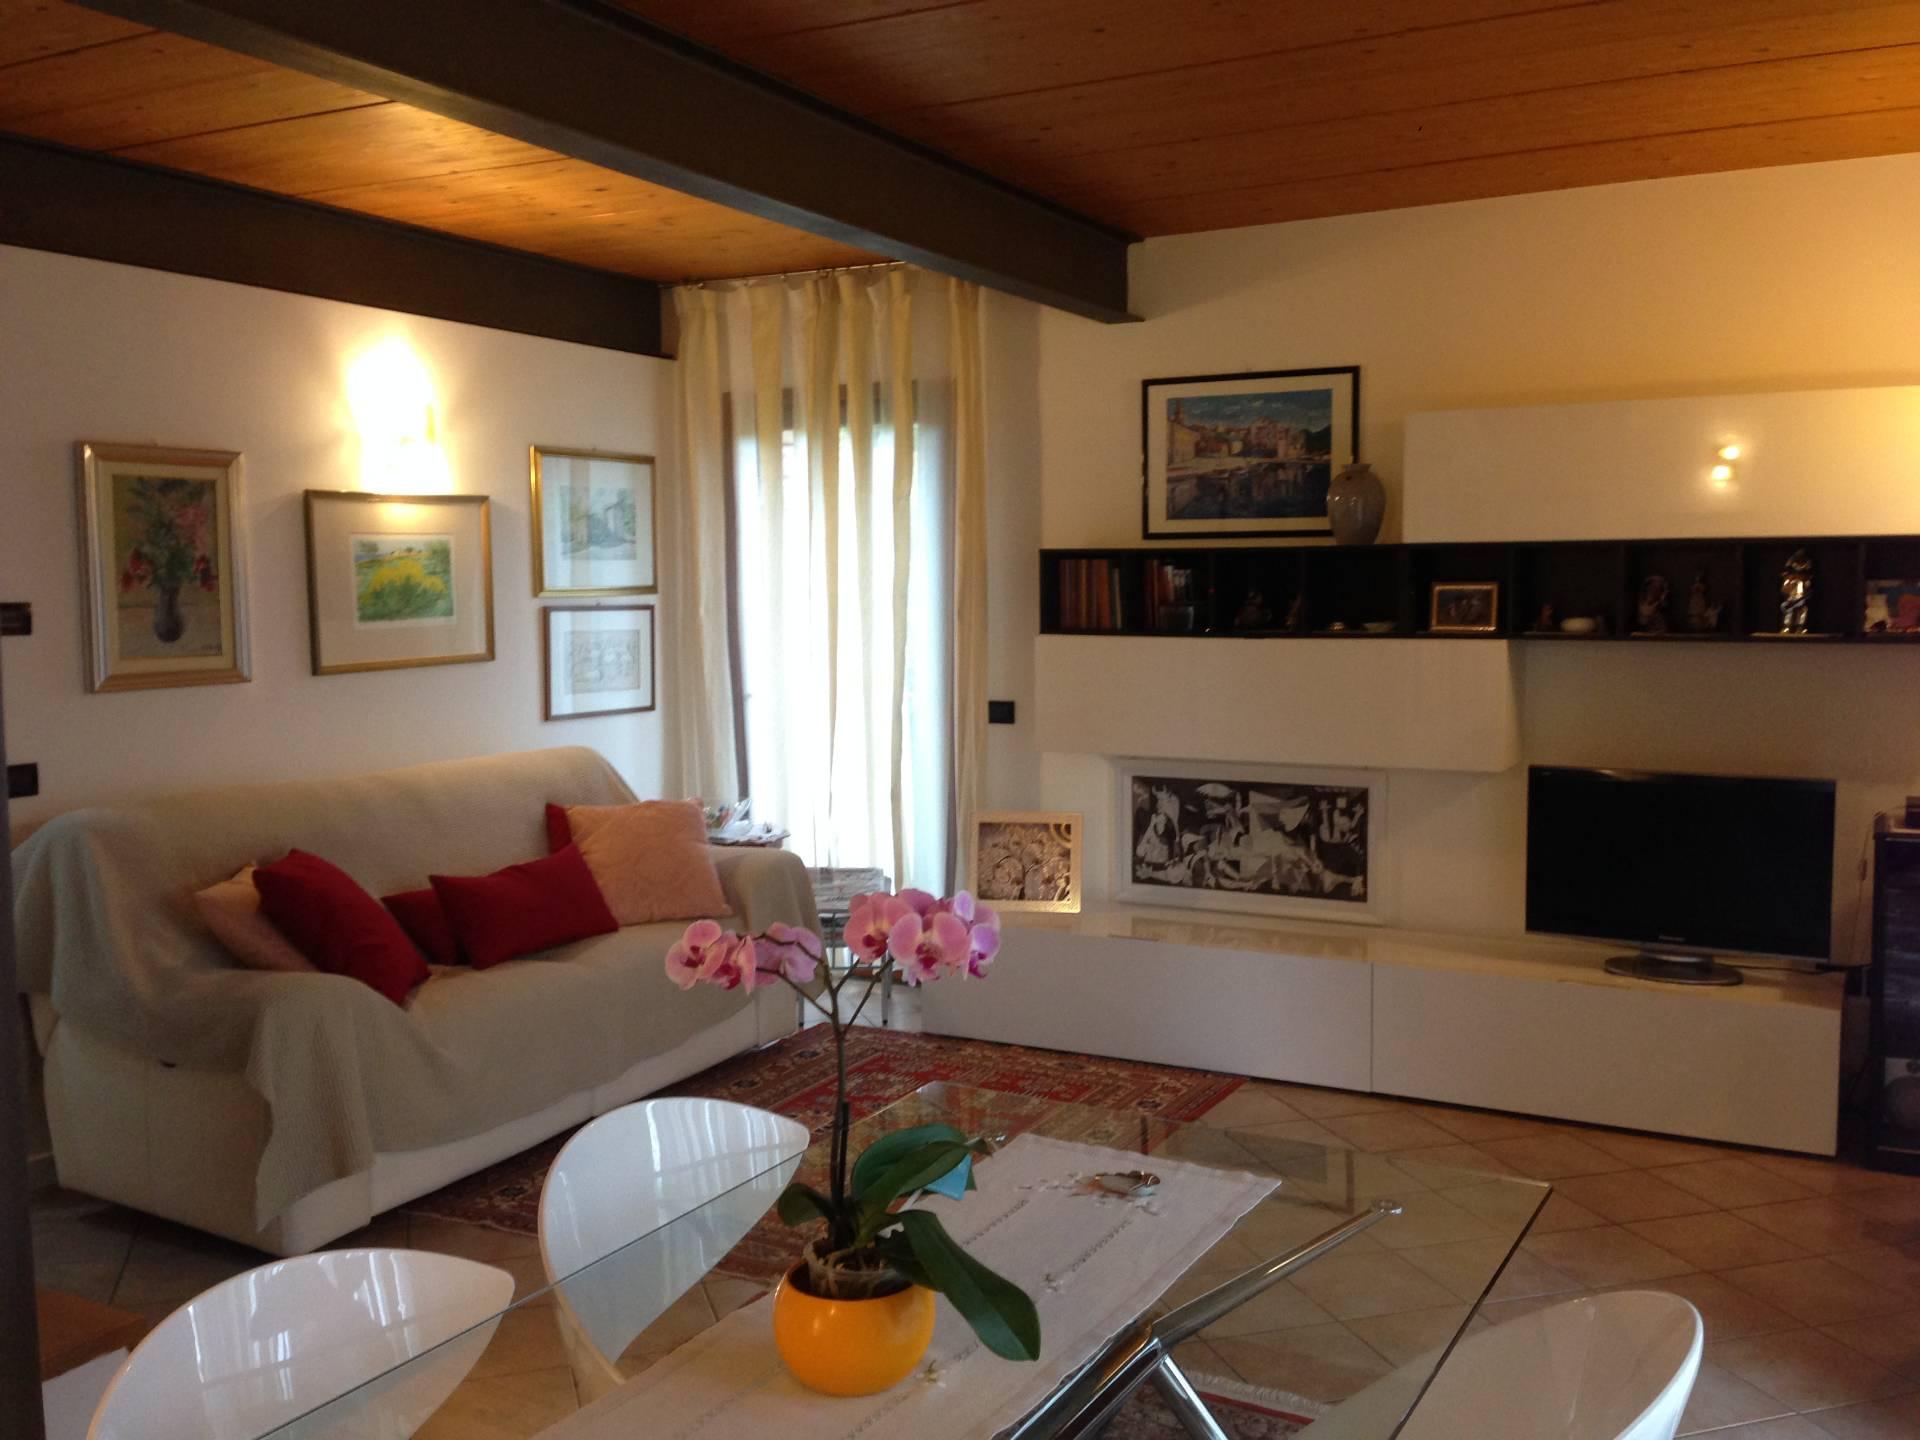 villa a schiera in vendita a pordenone - zona torre